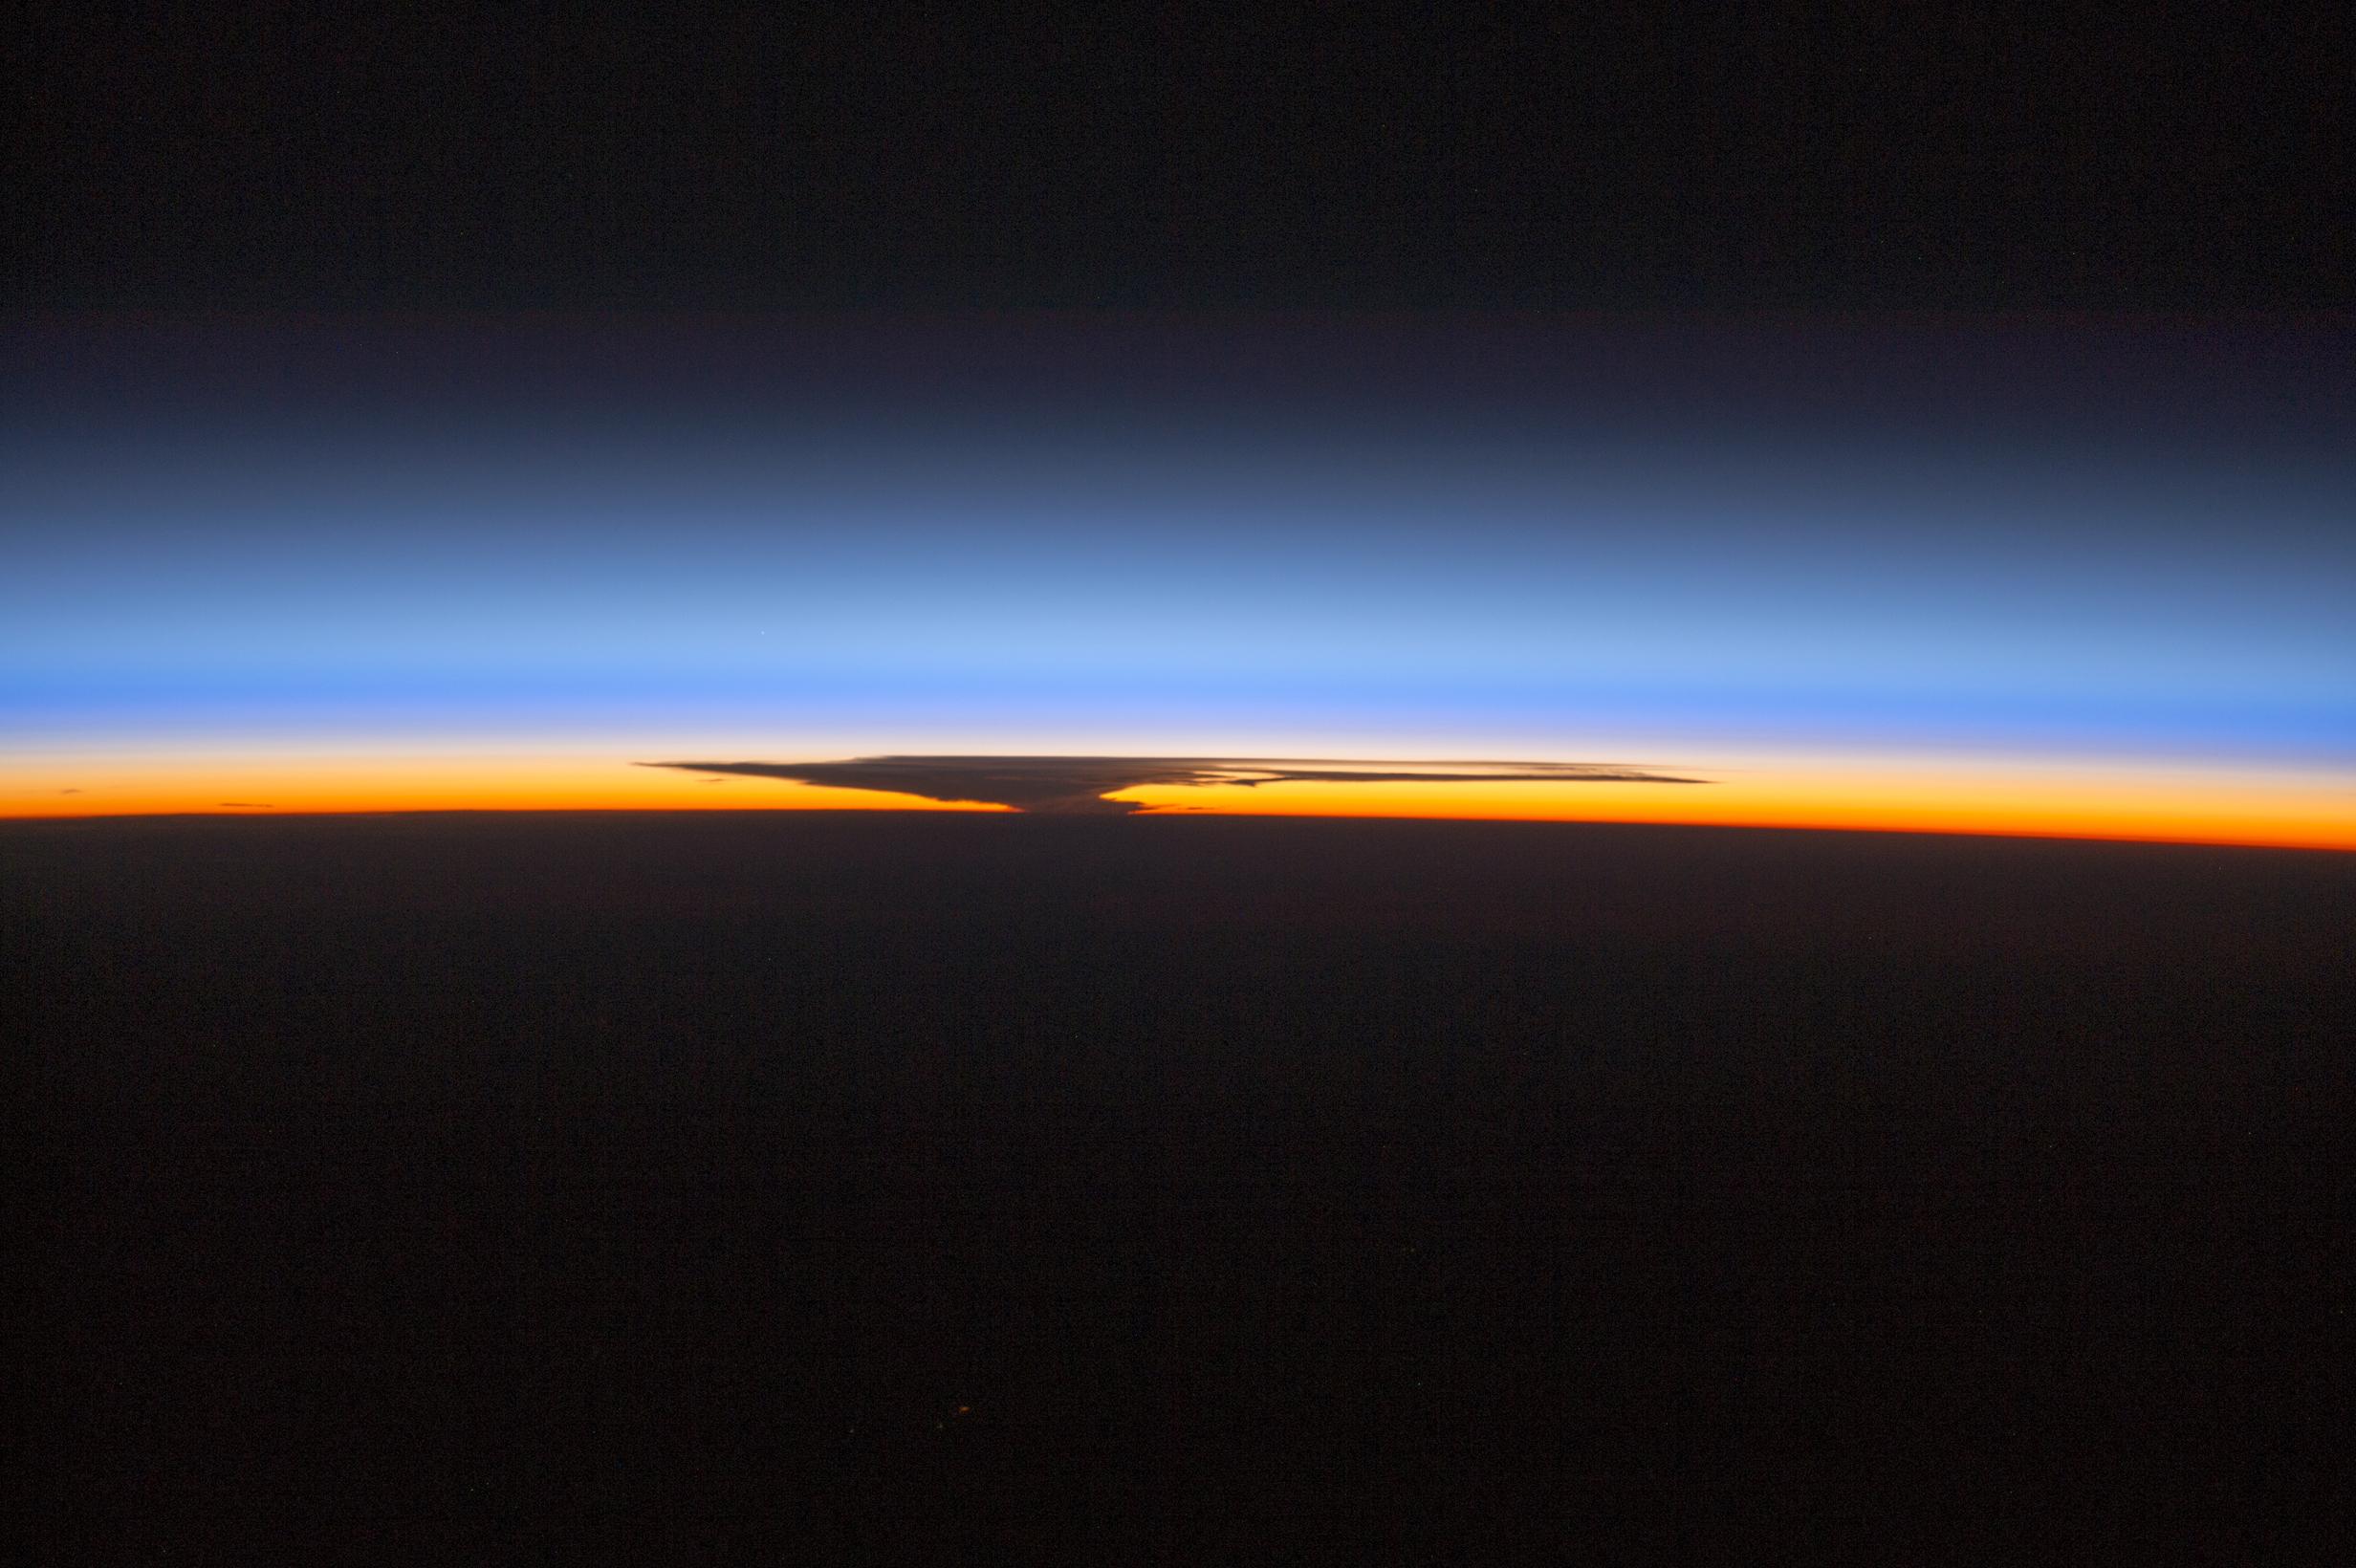 NASA Visible Earth: Anvil on the Horizon